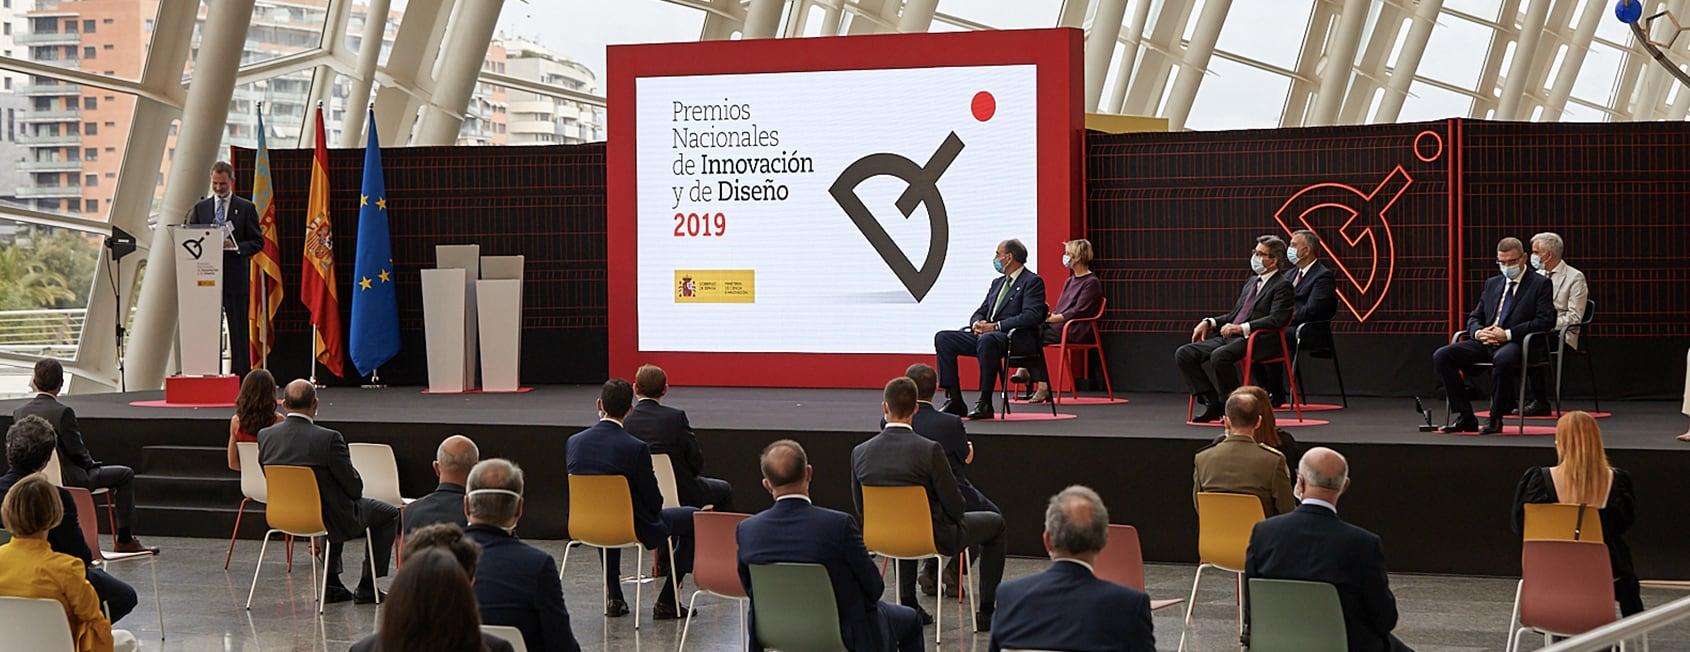 lelien proyecto premios nacionales de diseño